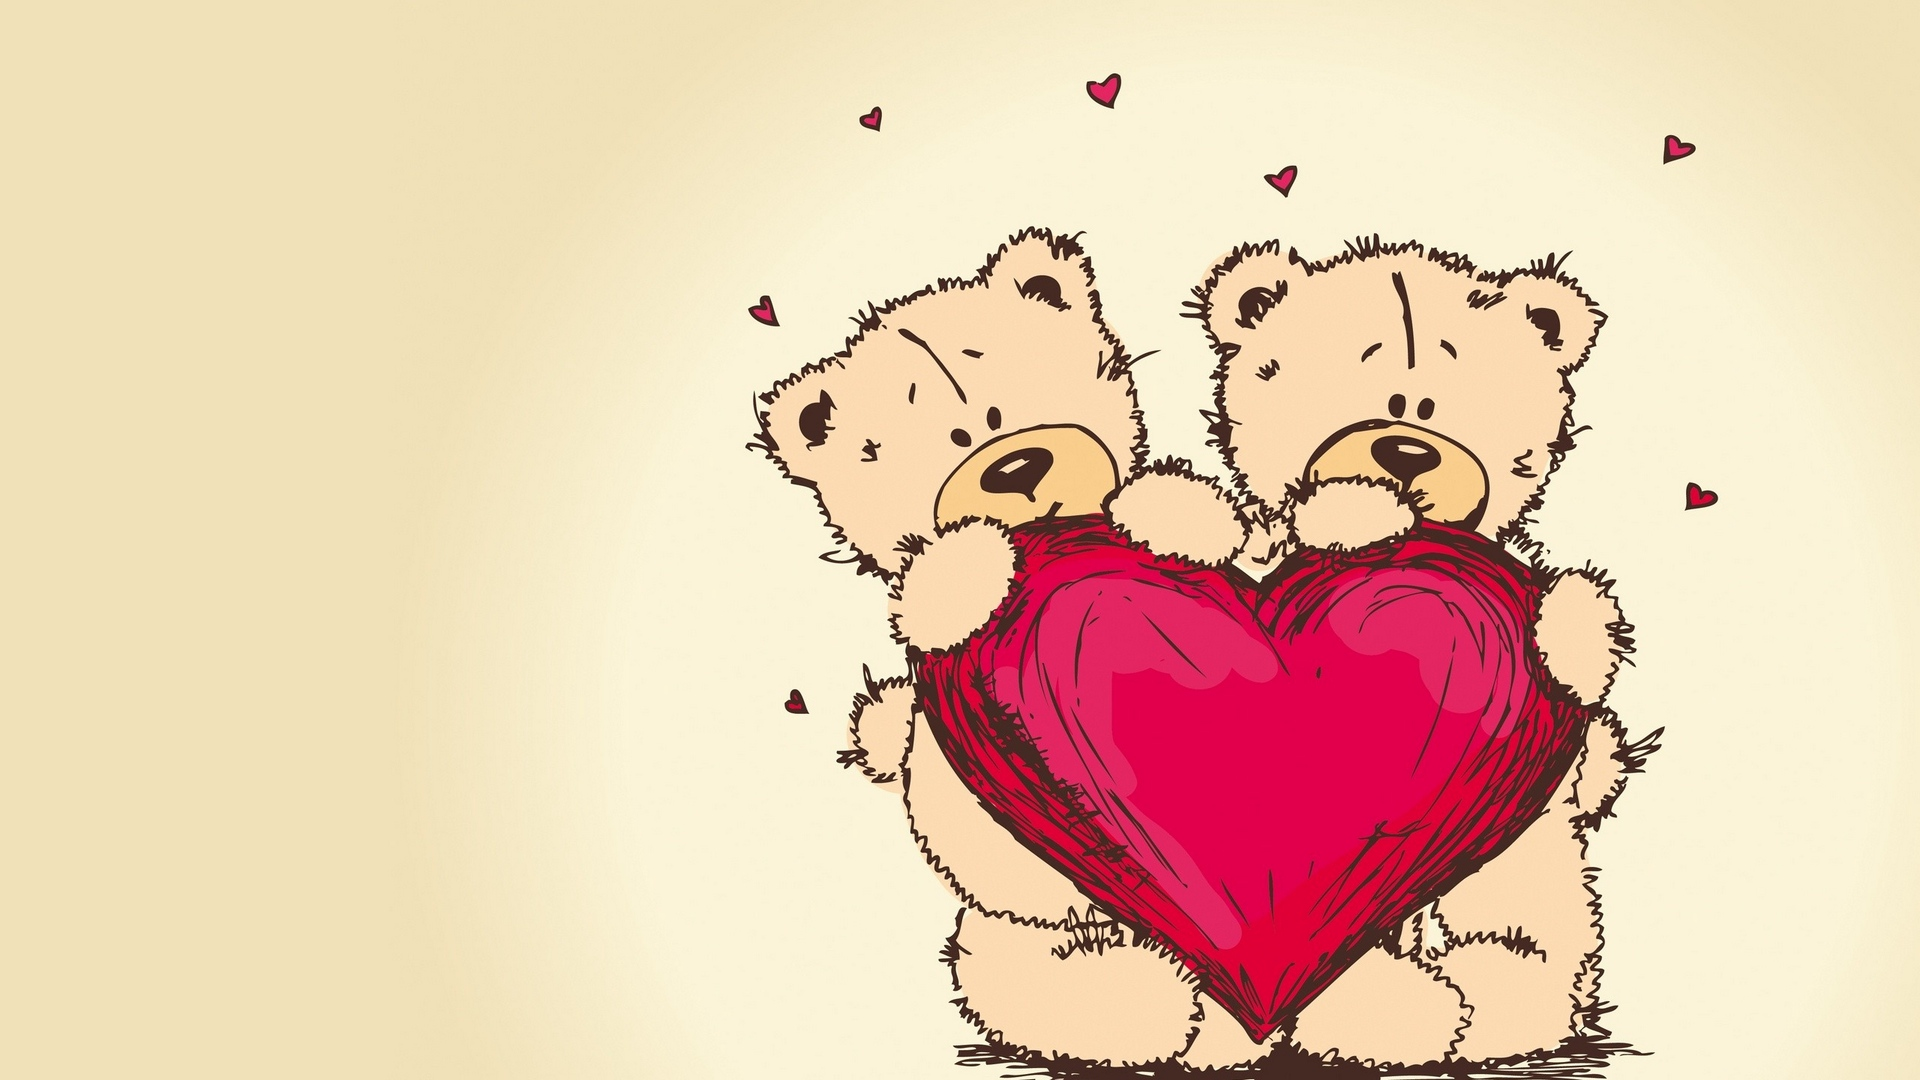 Красивые картинки на рабочий стол про Любовь и Чувства - подборка №2 8